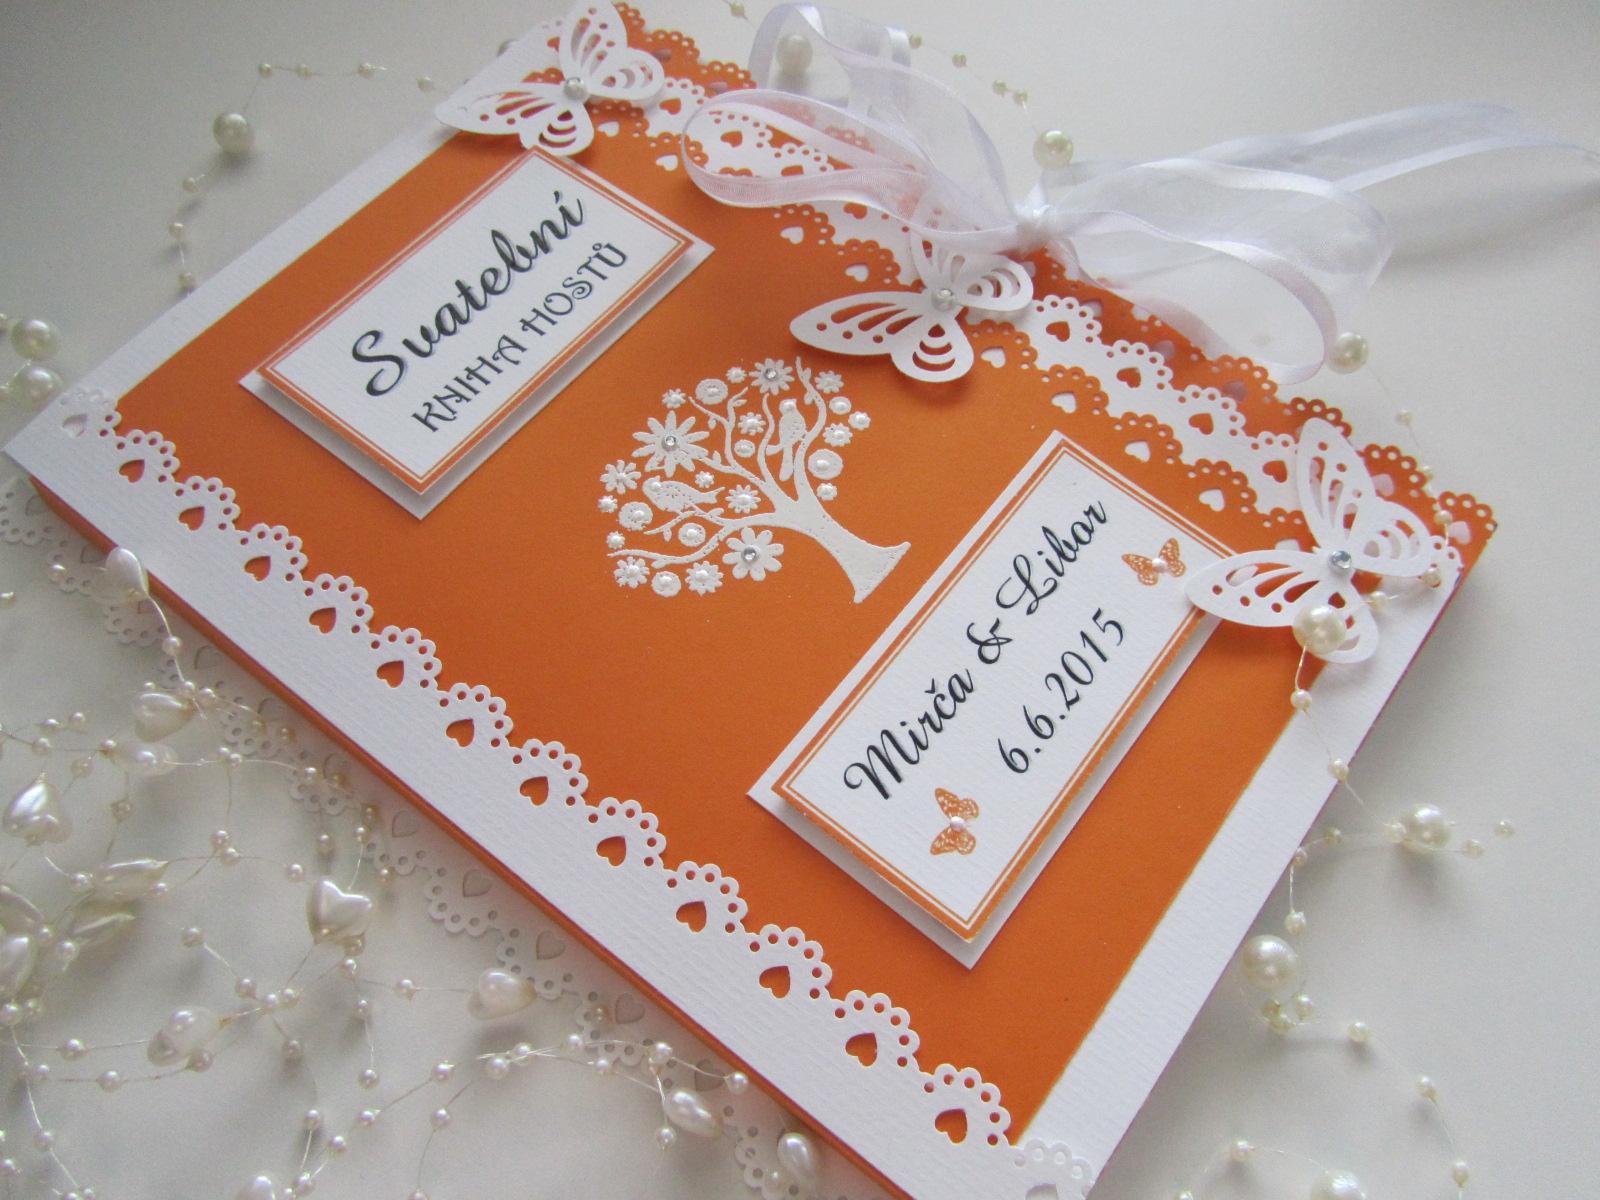 Svatební kniha hostů oranžová + krabička - Obrázek č. 1